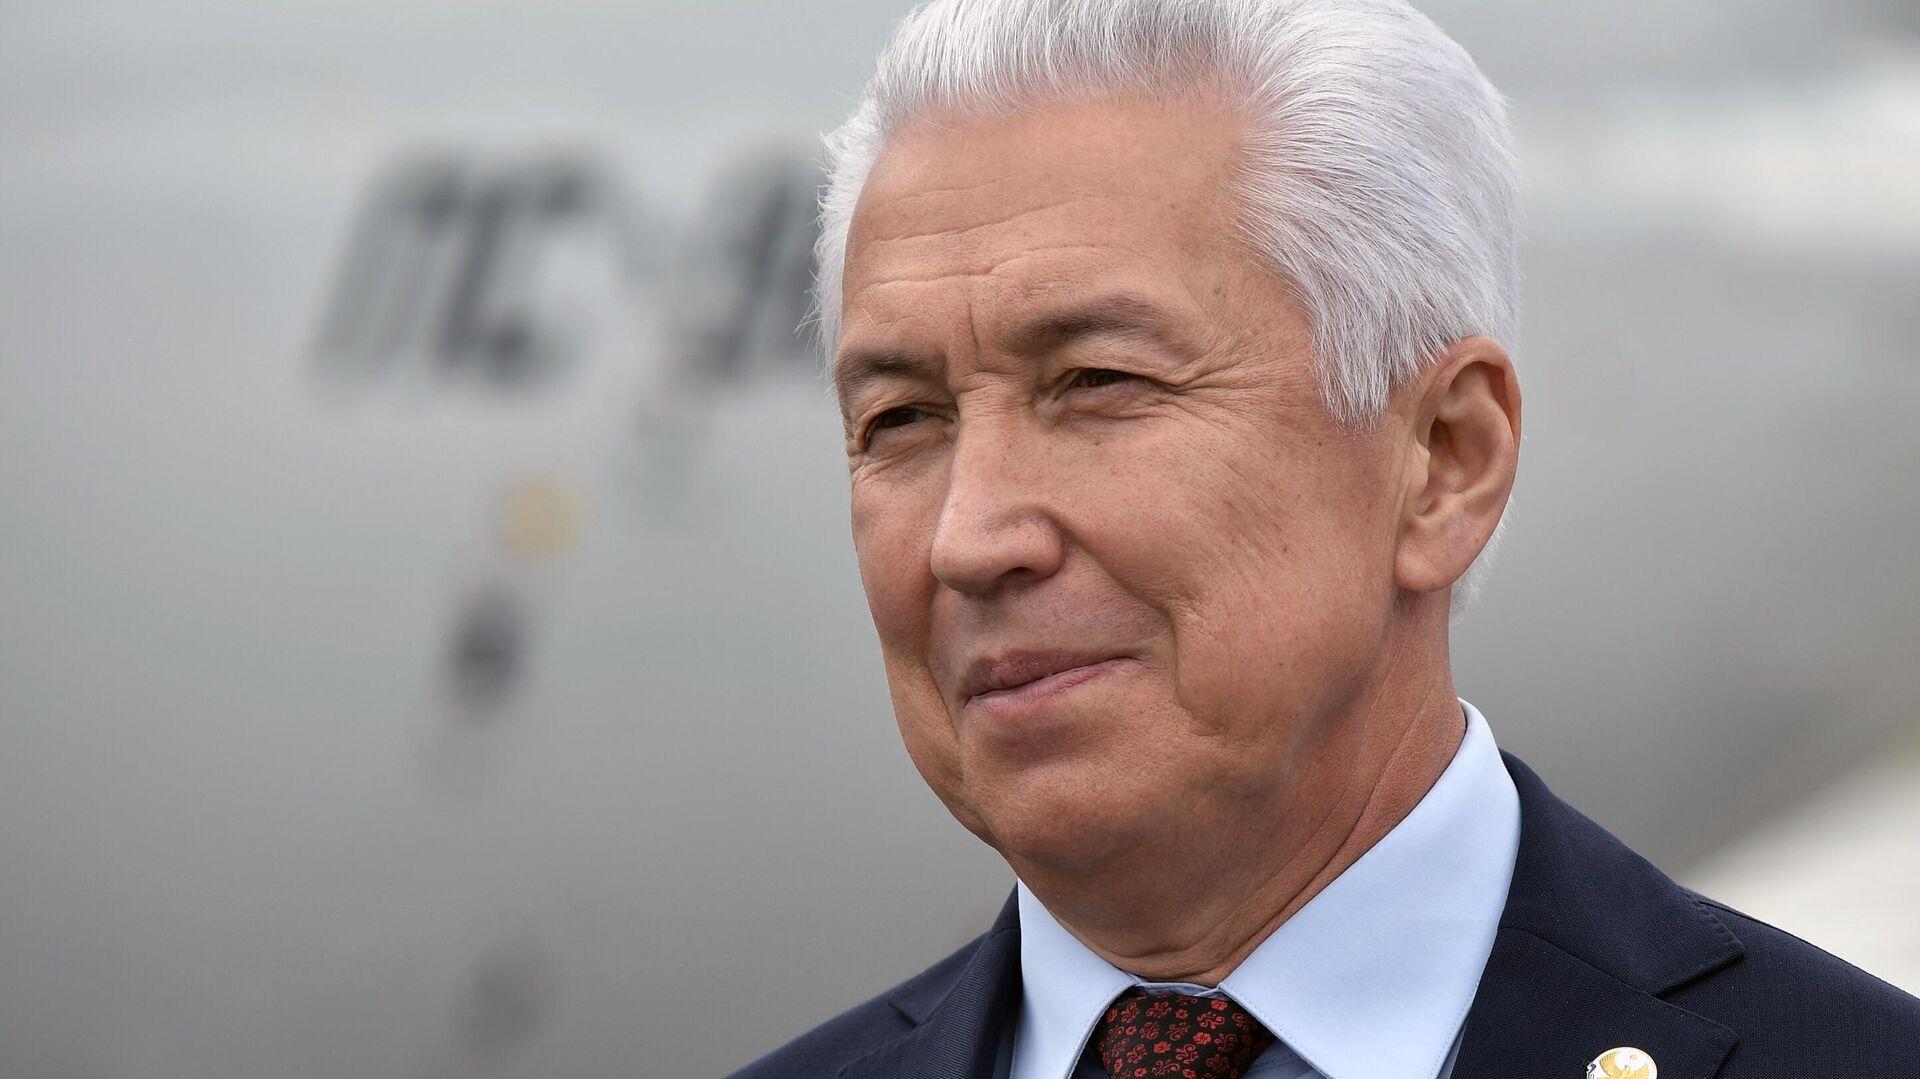 Медведев предложил кандидатуру Васильева на пост главы фракции ЕР в Госдуме